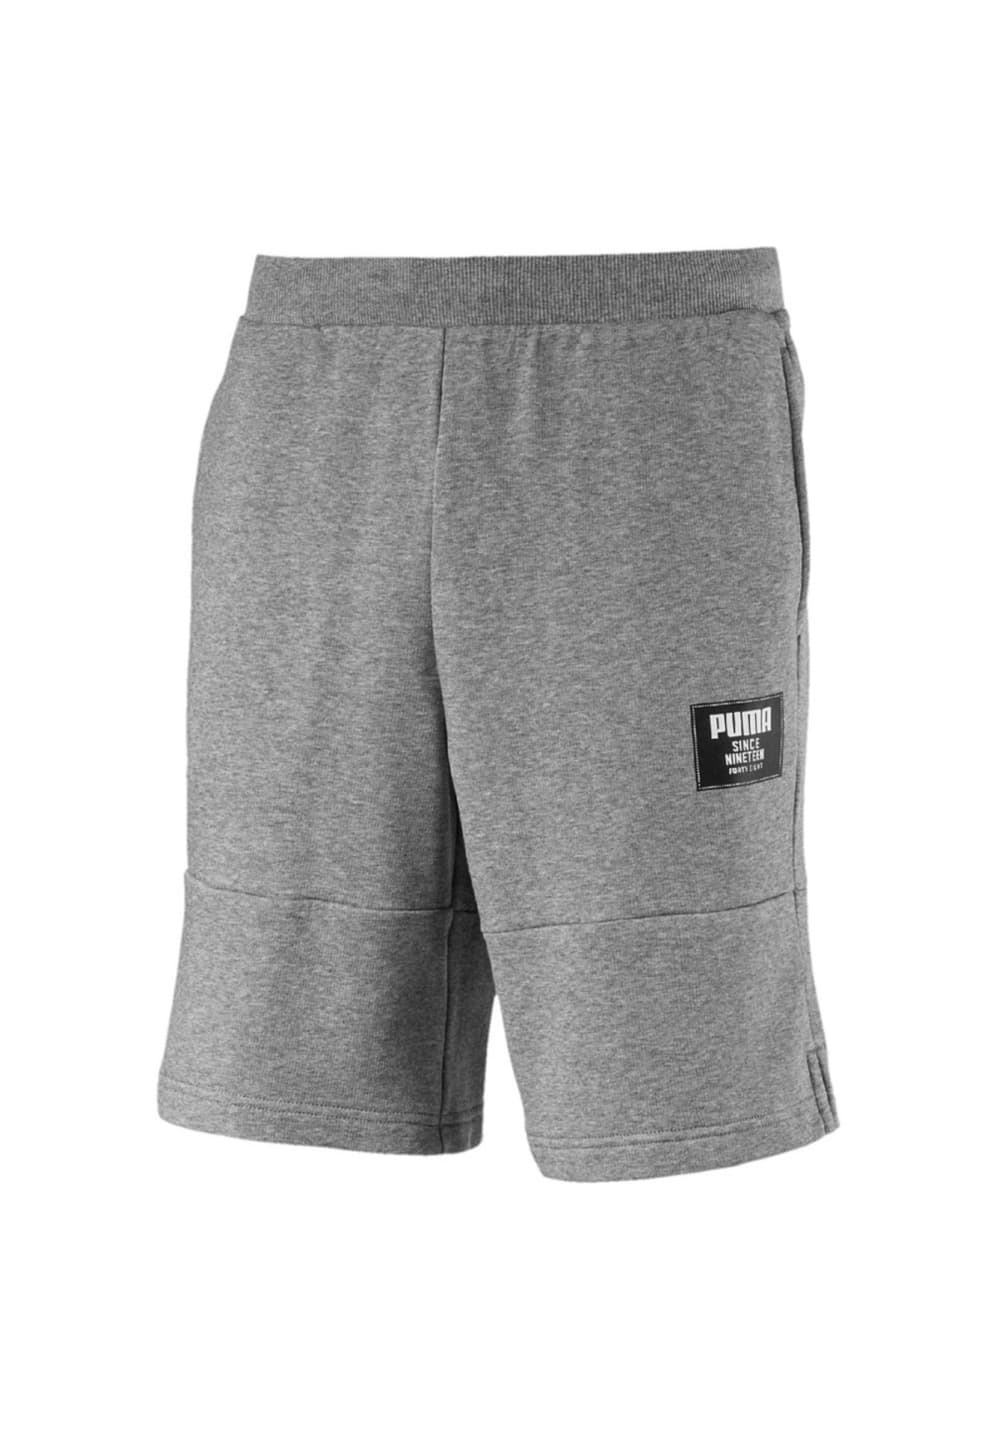 87e3a3c1013636 Puma Rebel Block Shorts - Fitnesshosen für Herren - Grau   21RUN